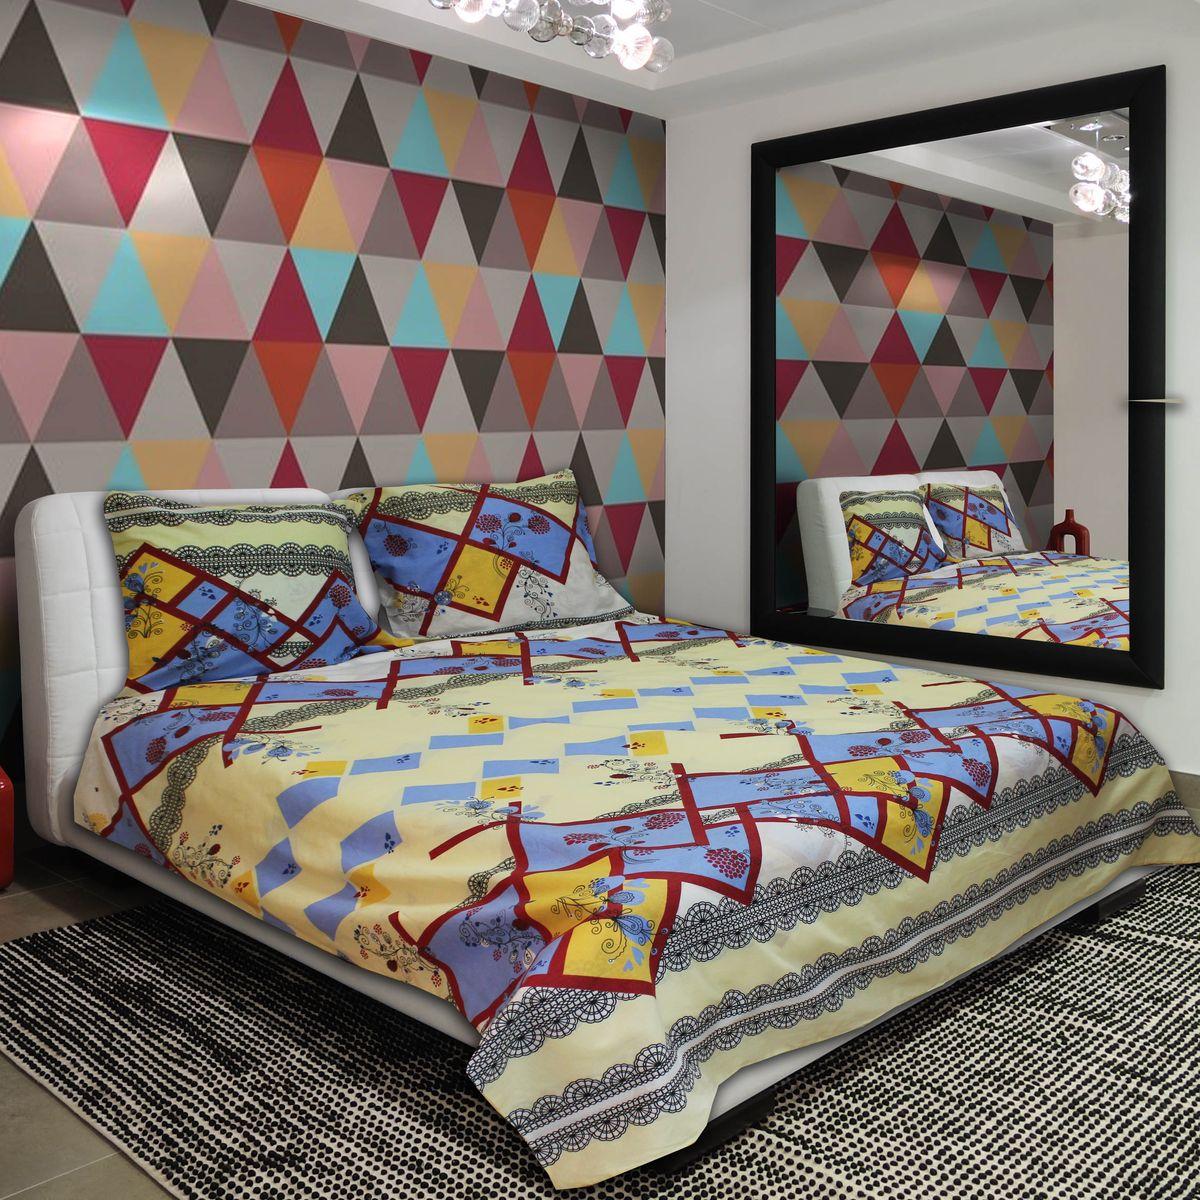 Комплект белья Amore Mio Geo, 2-спальный, наволочки 70х7077712Постельное белье из бязи практично и долговечно, а самое главное - это 100% хлопок! Материал великолепно отводит влагу, отлично пропускает воздух, не капризен в уходе, легко стирается и гладится. Новая коллекция Naturel 3-D дизайнов позволит выбрать постельное белье на любой вкус!